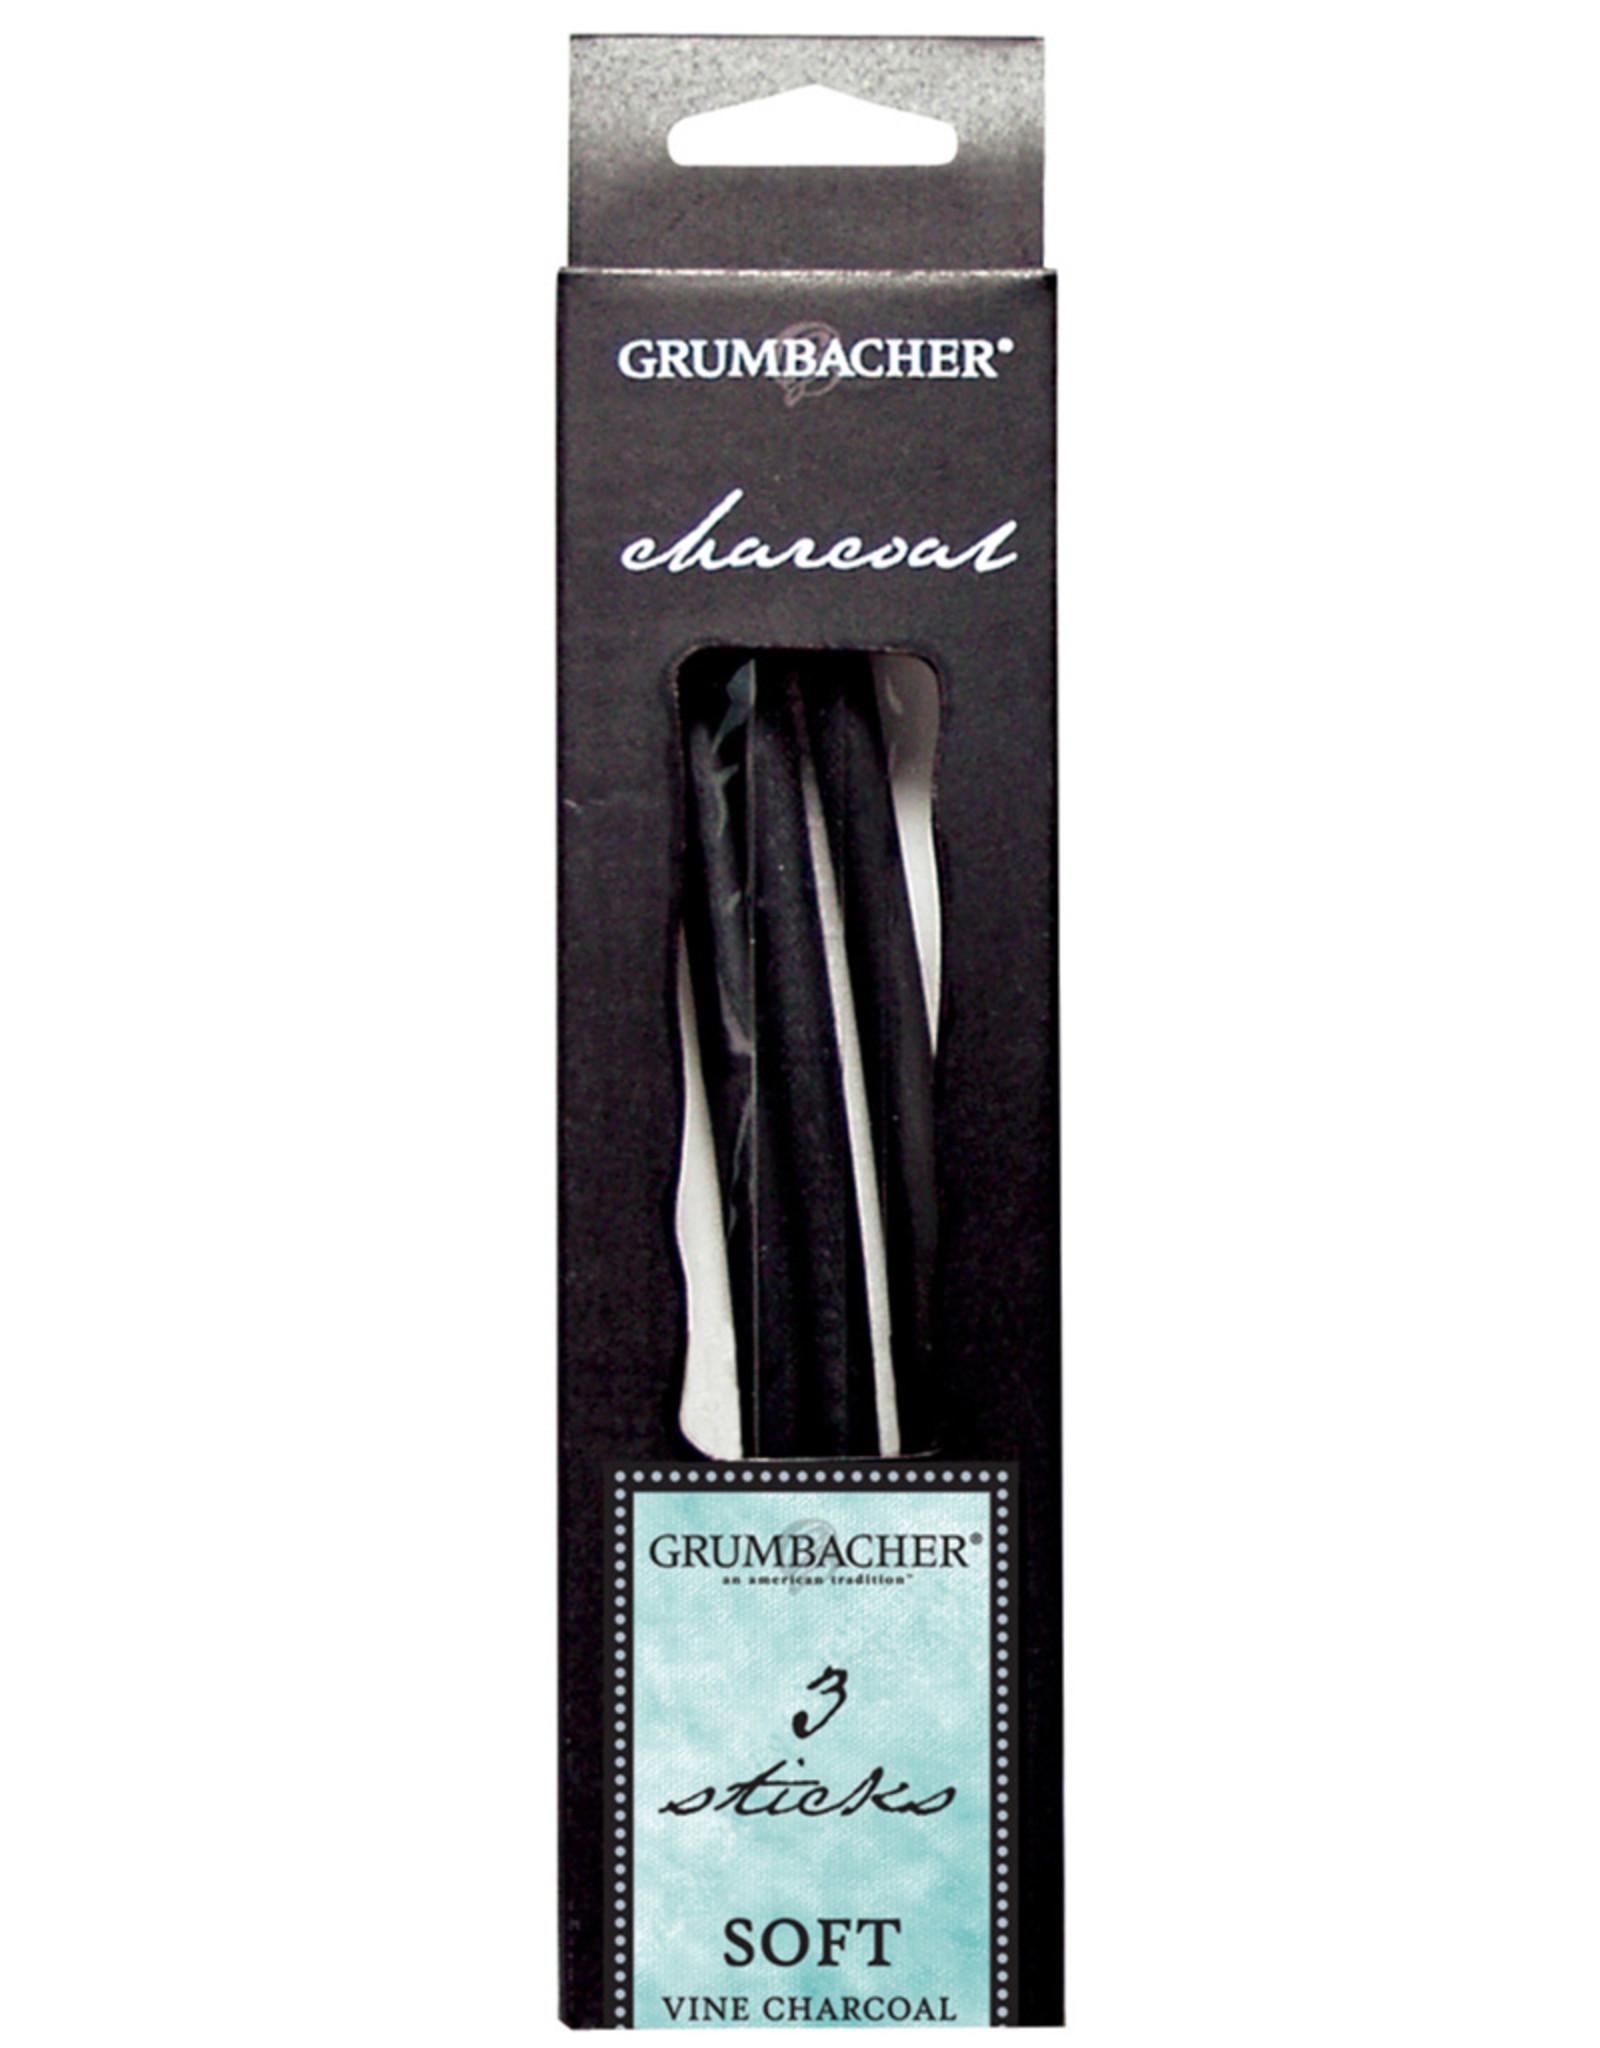 Charcoal - Vine, Soft